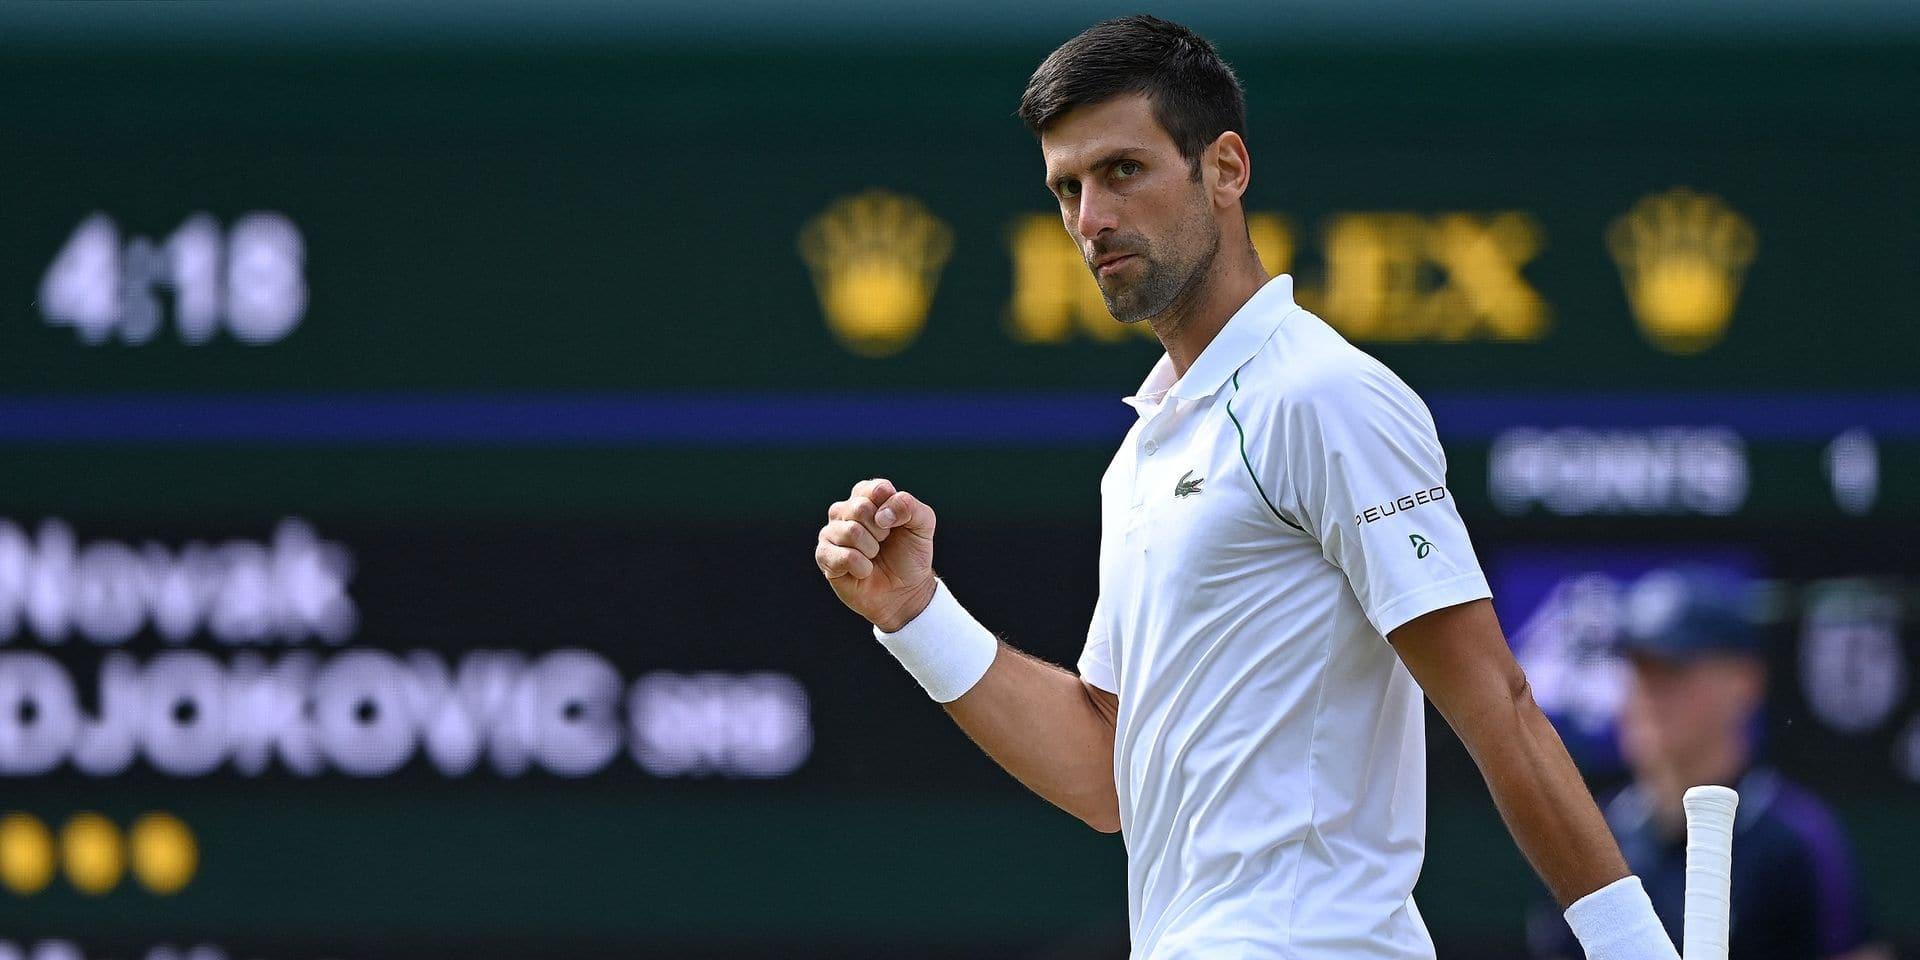 Wimbledon: Djokovic dispose de Berrettini en quatre sets et s'offre un 20e titre du Grand Chelem